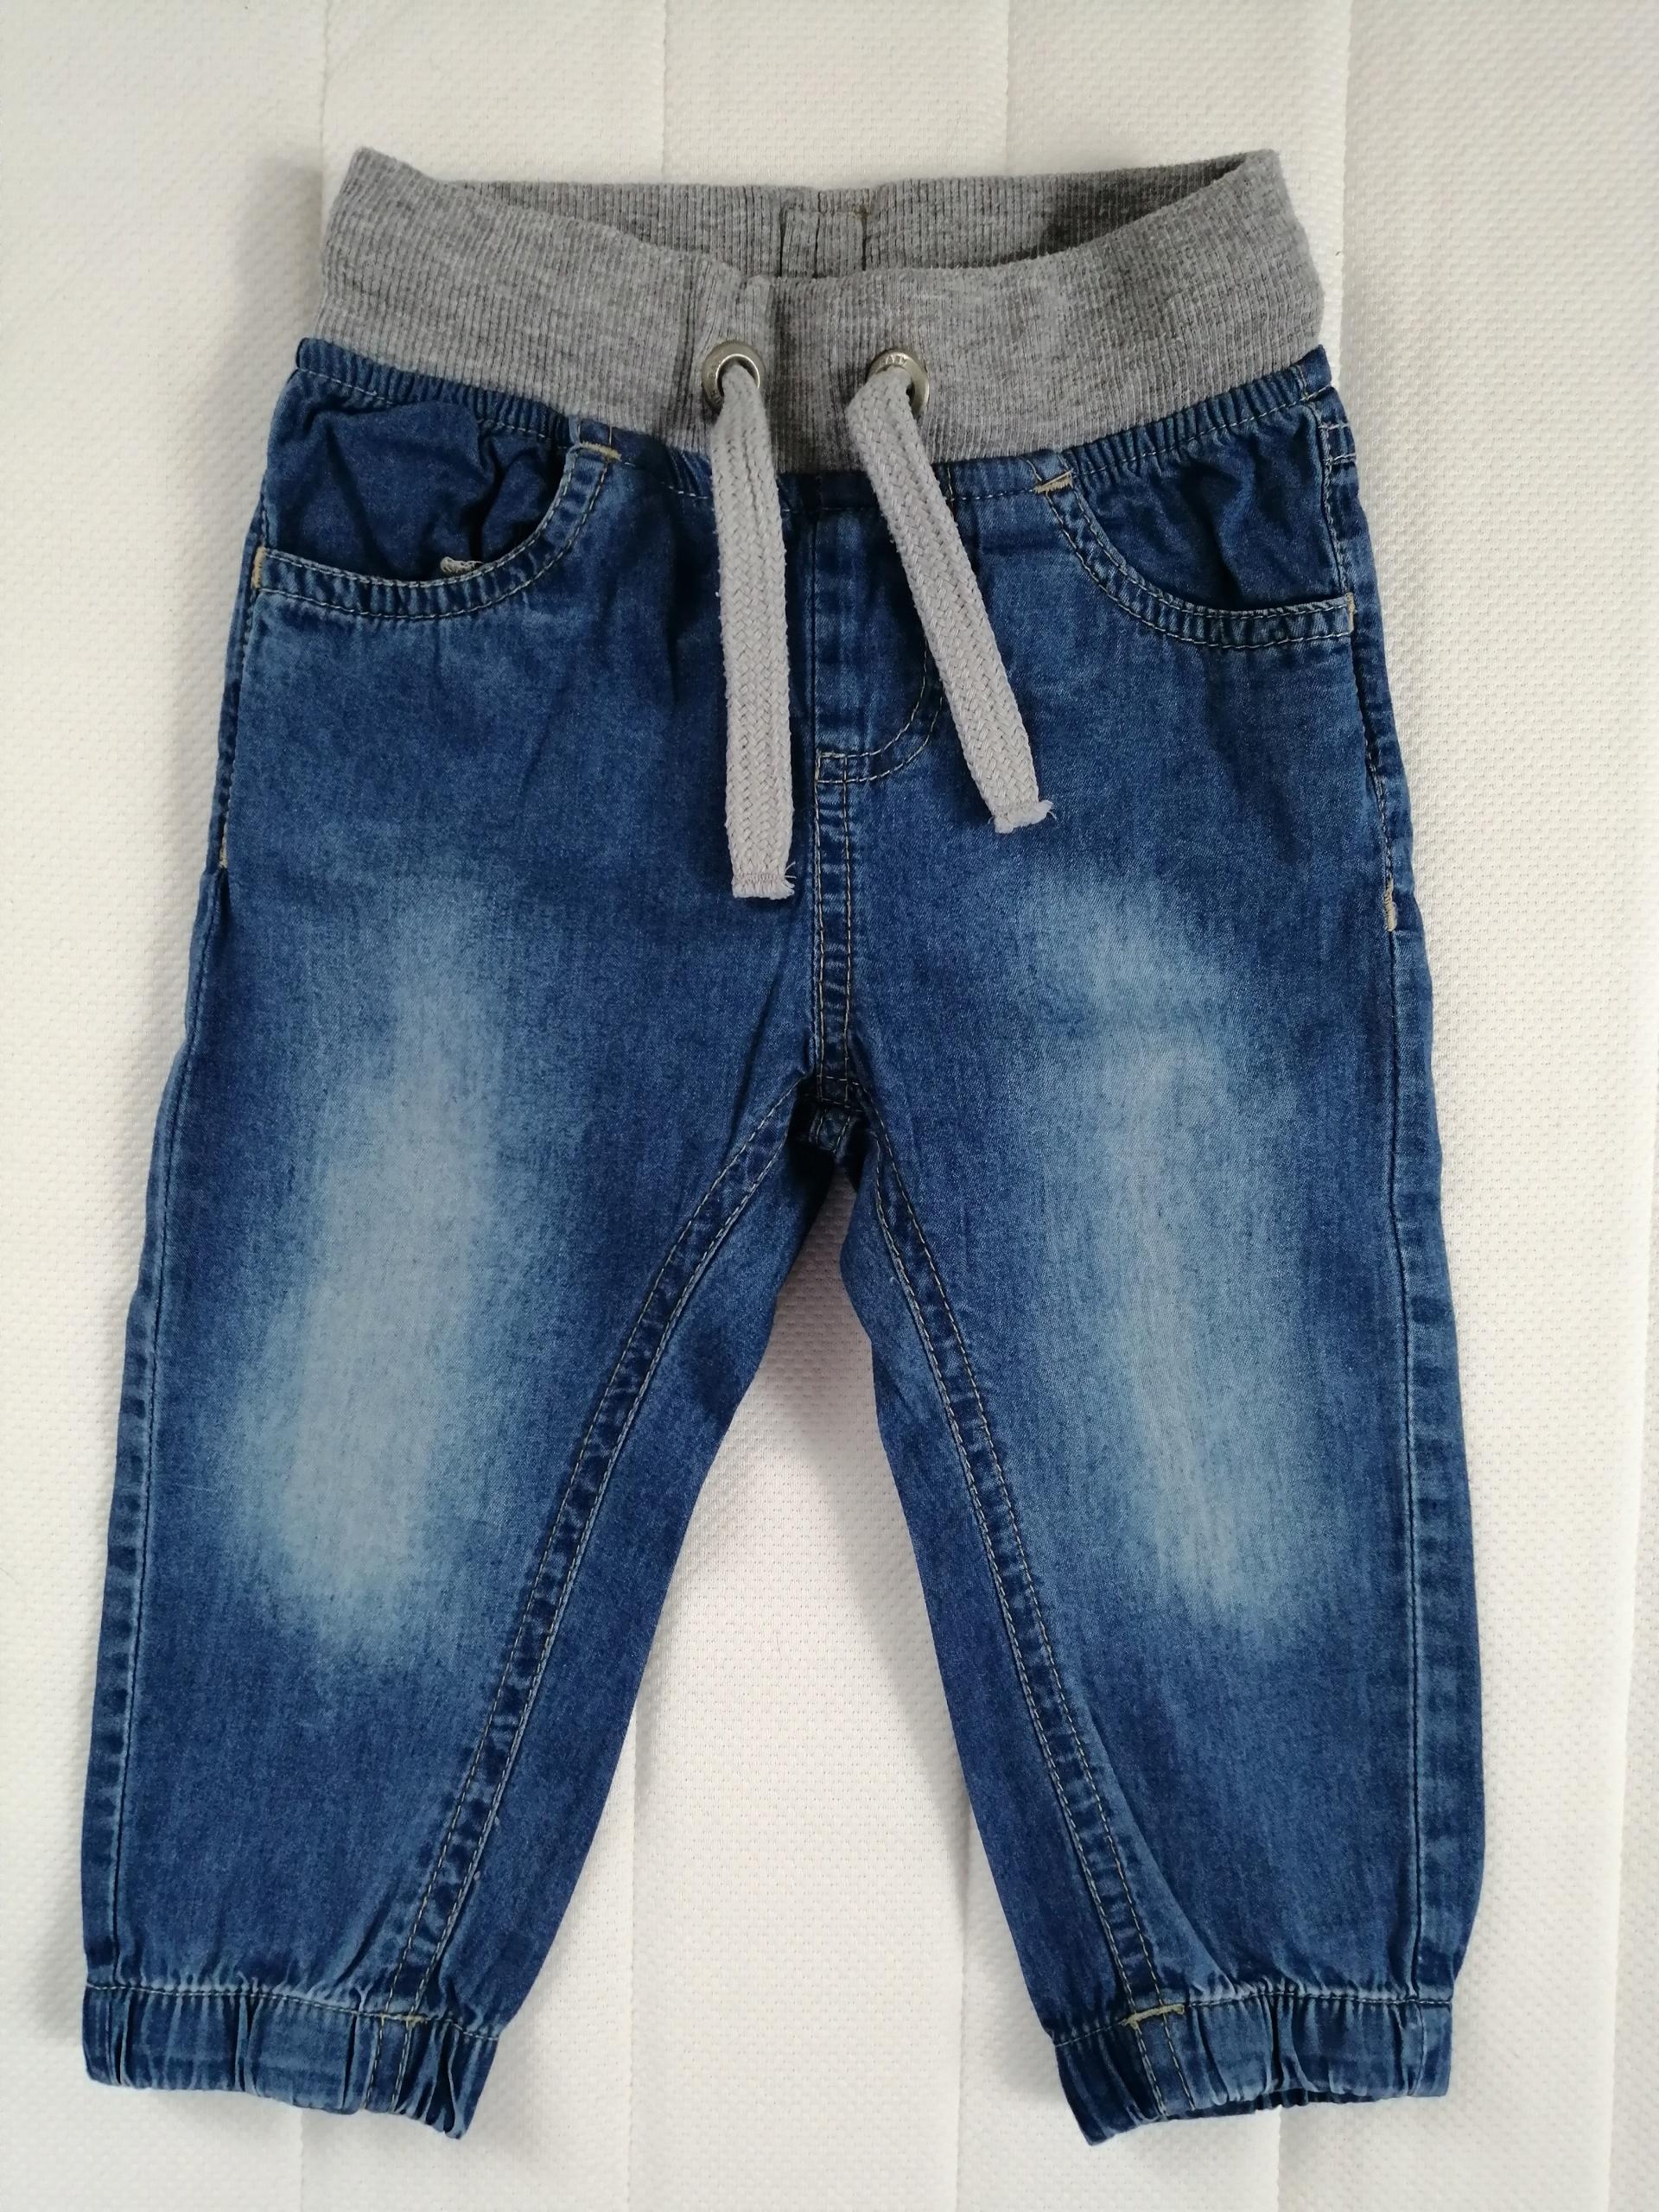 CoolClub spodnie jeansowe rozm 80